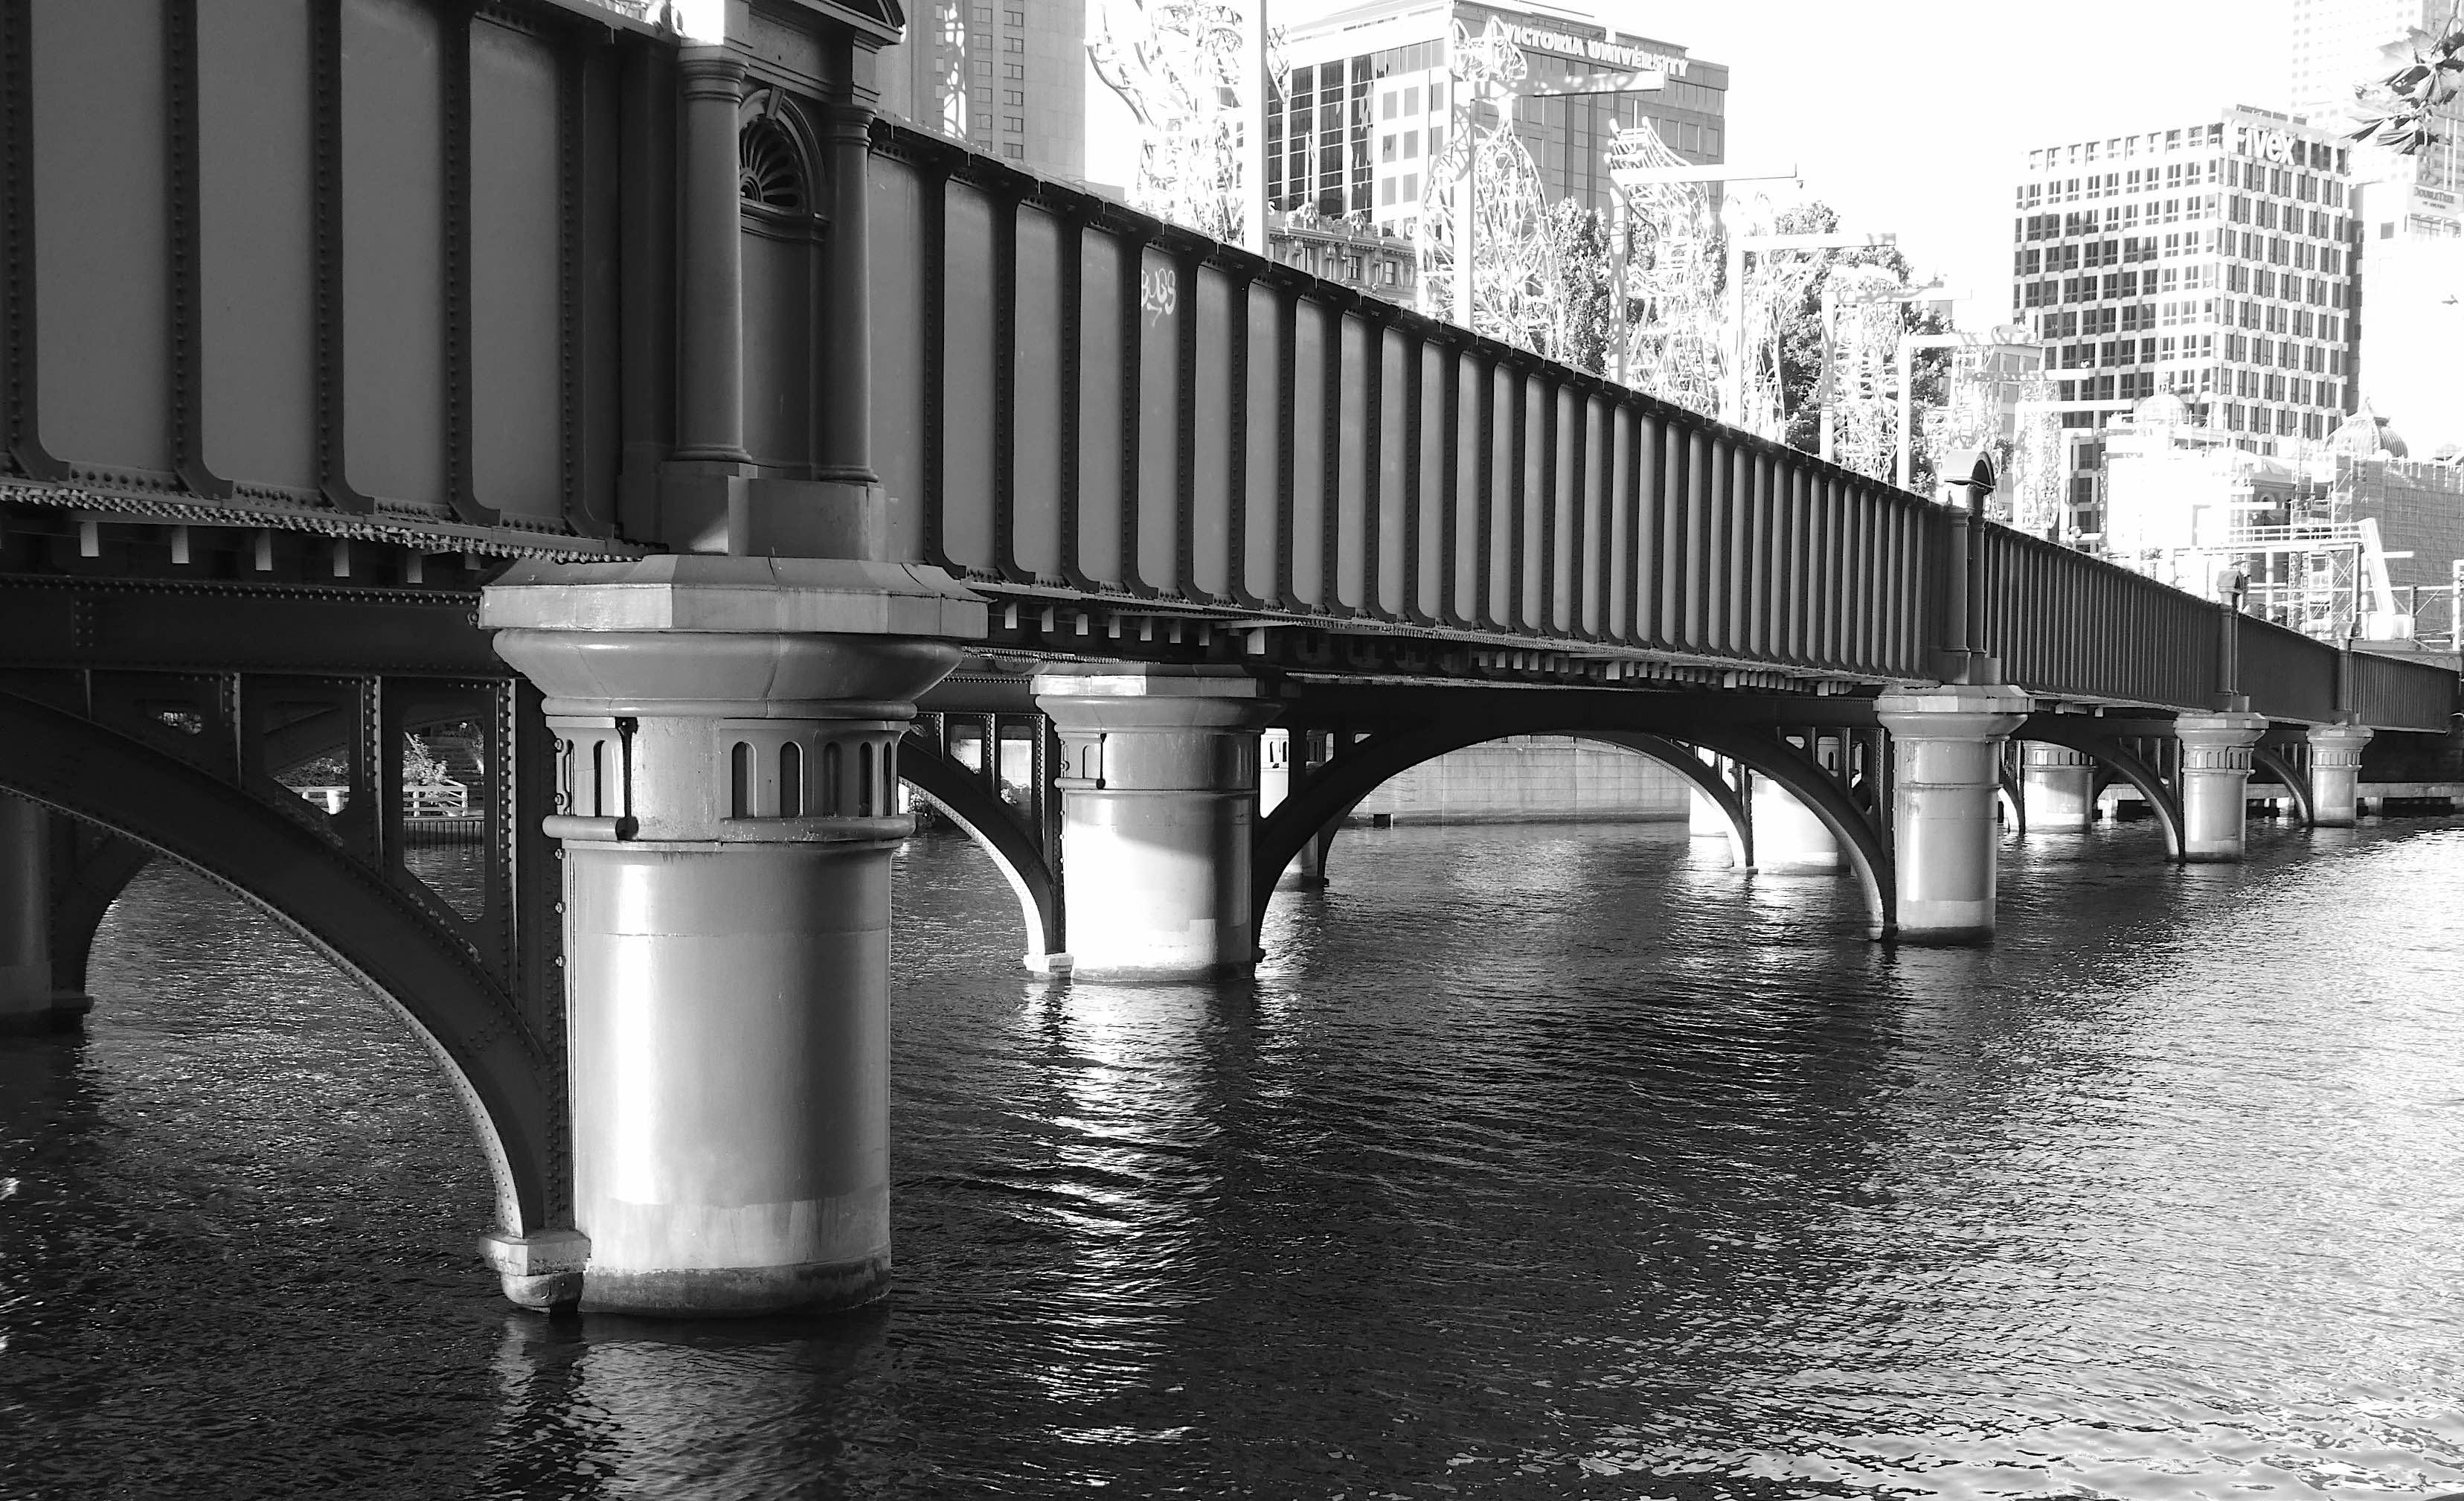 2.Sandridge Bridge p.m.